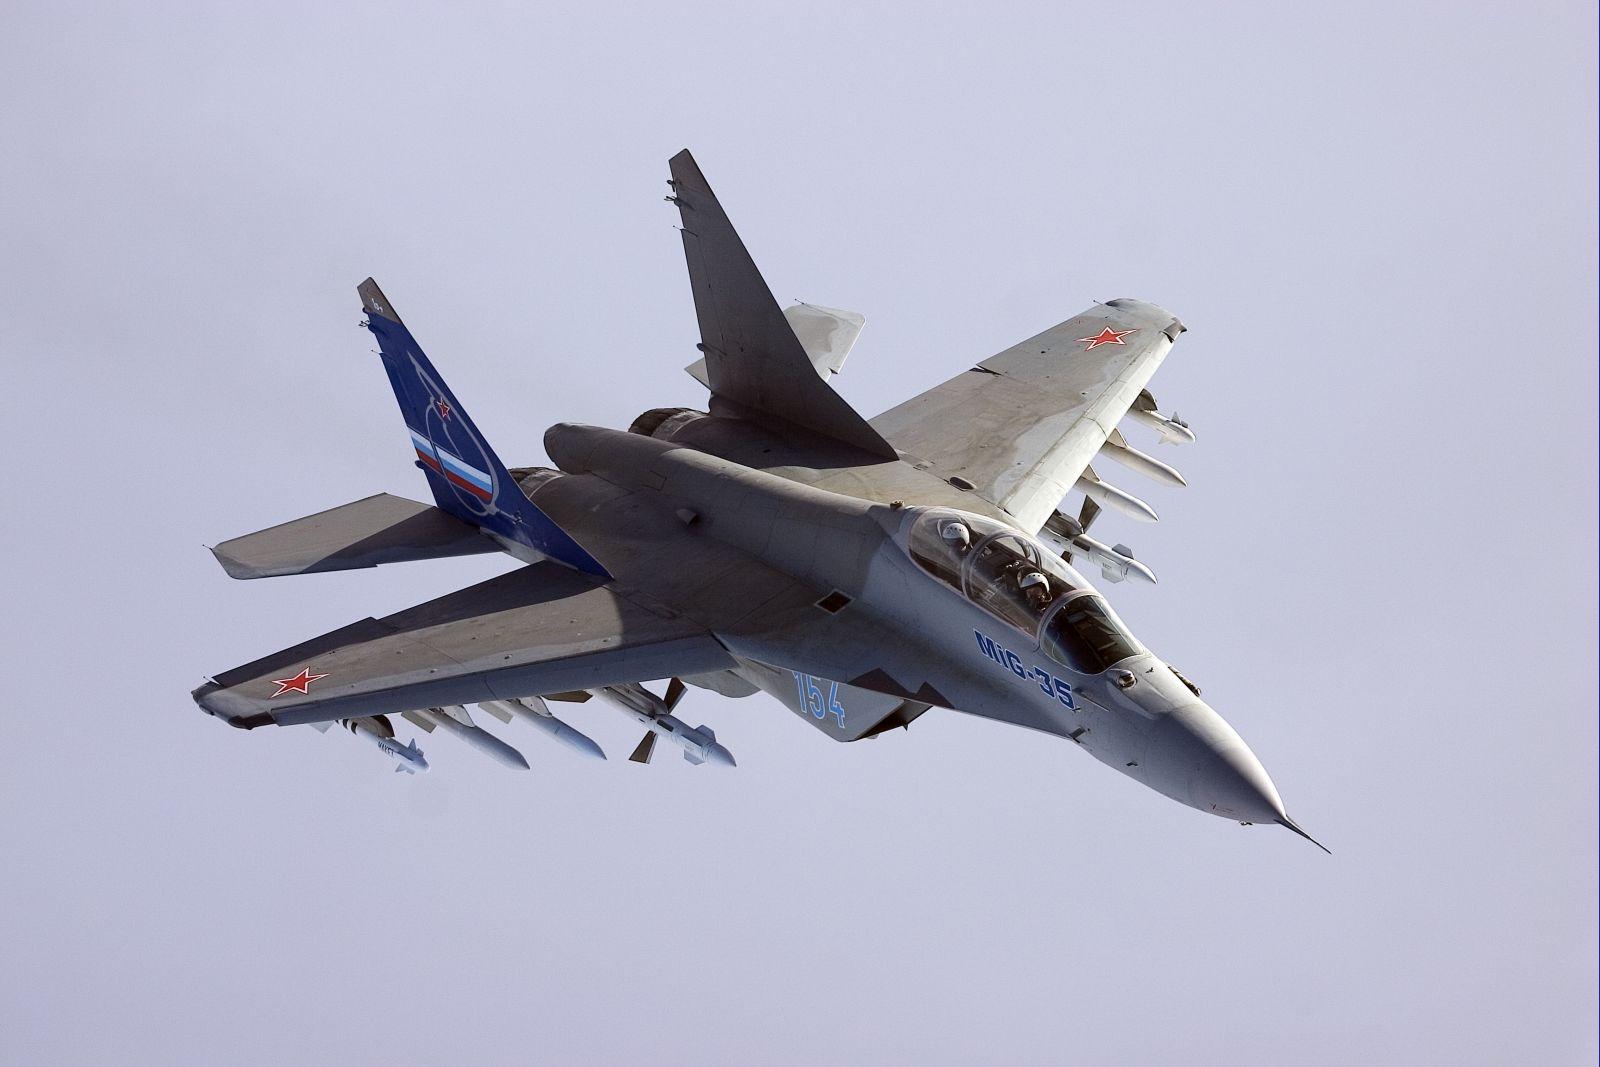 MiG 35 (航空機)の画像 p1_25